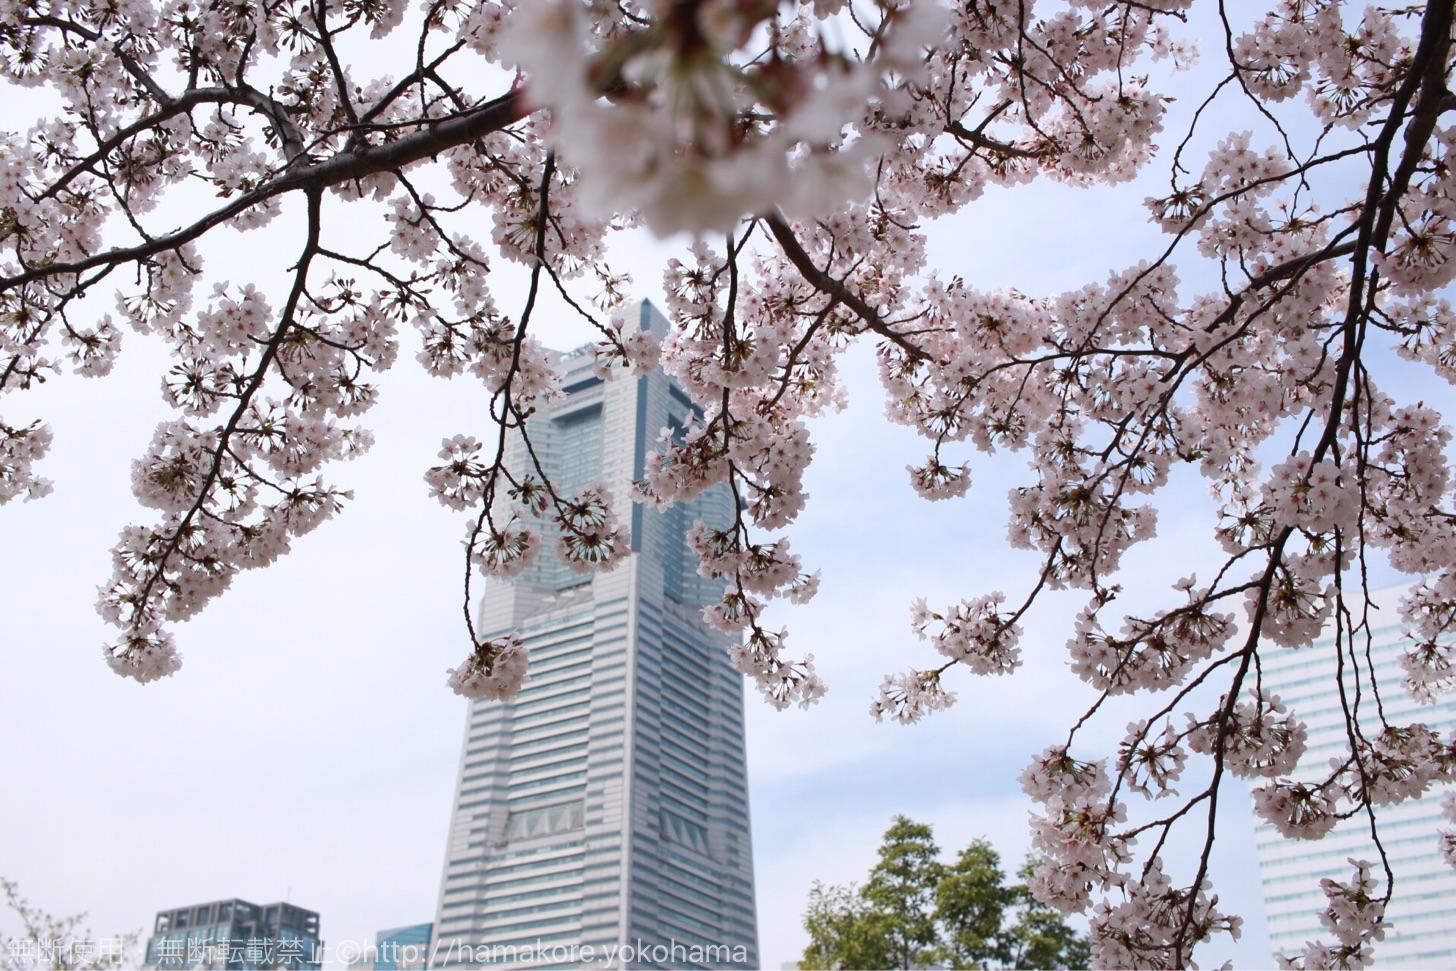 横浜ランドマークタワーと桜